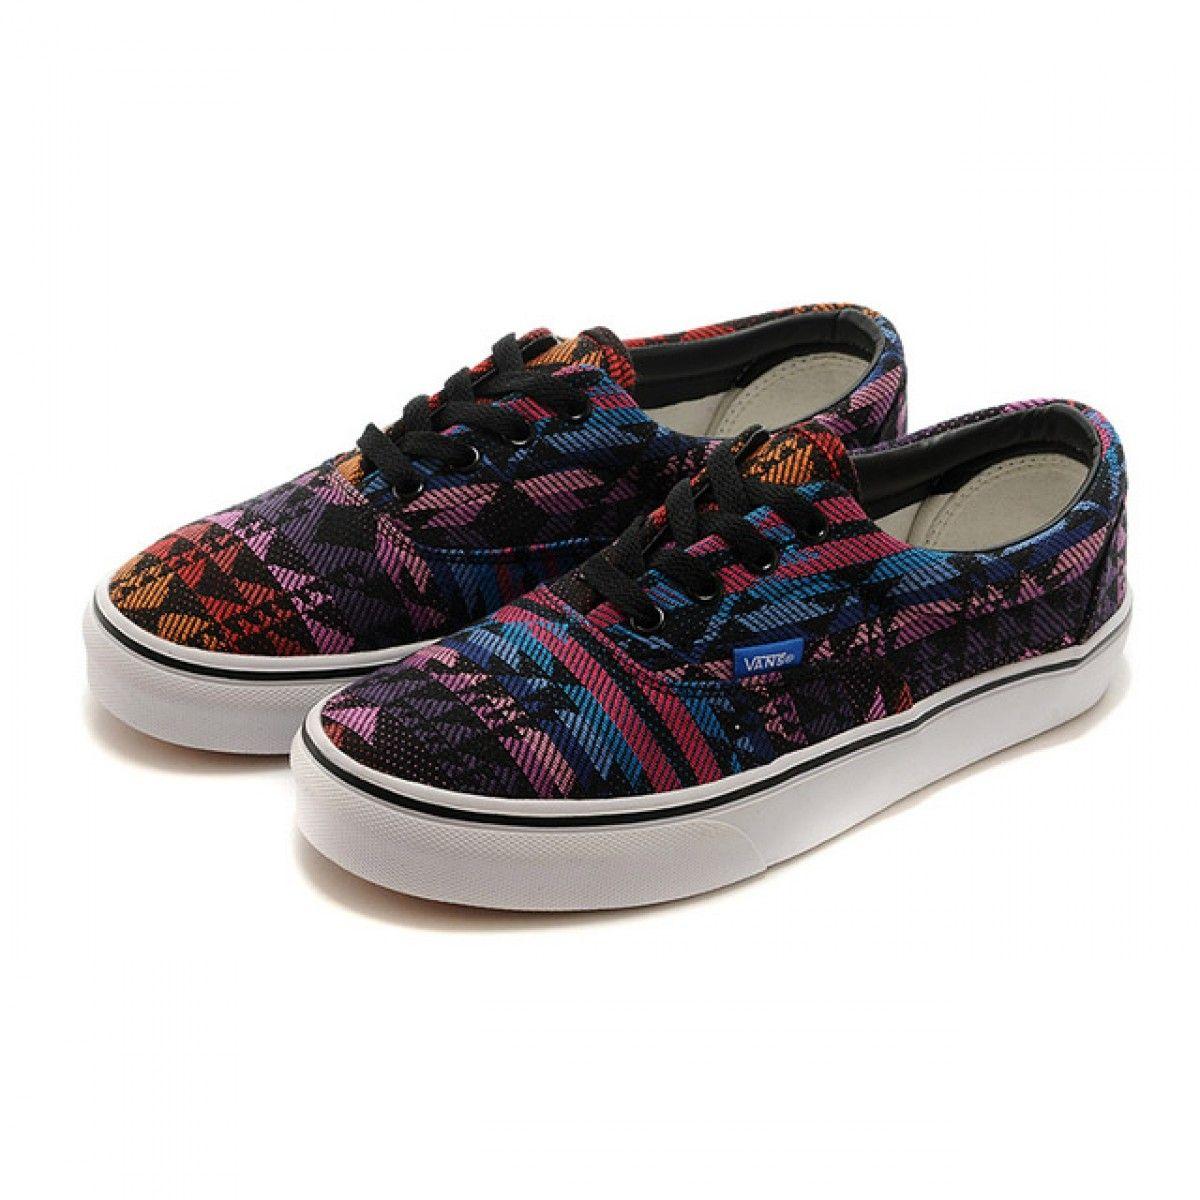 6854c1bf08cd Vans Shoes Black Purple Winter Knit National Ethnic Era Shoes Unisex  Classic Canvas